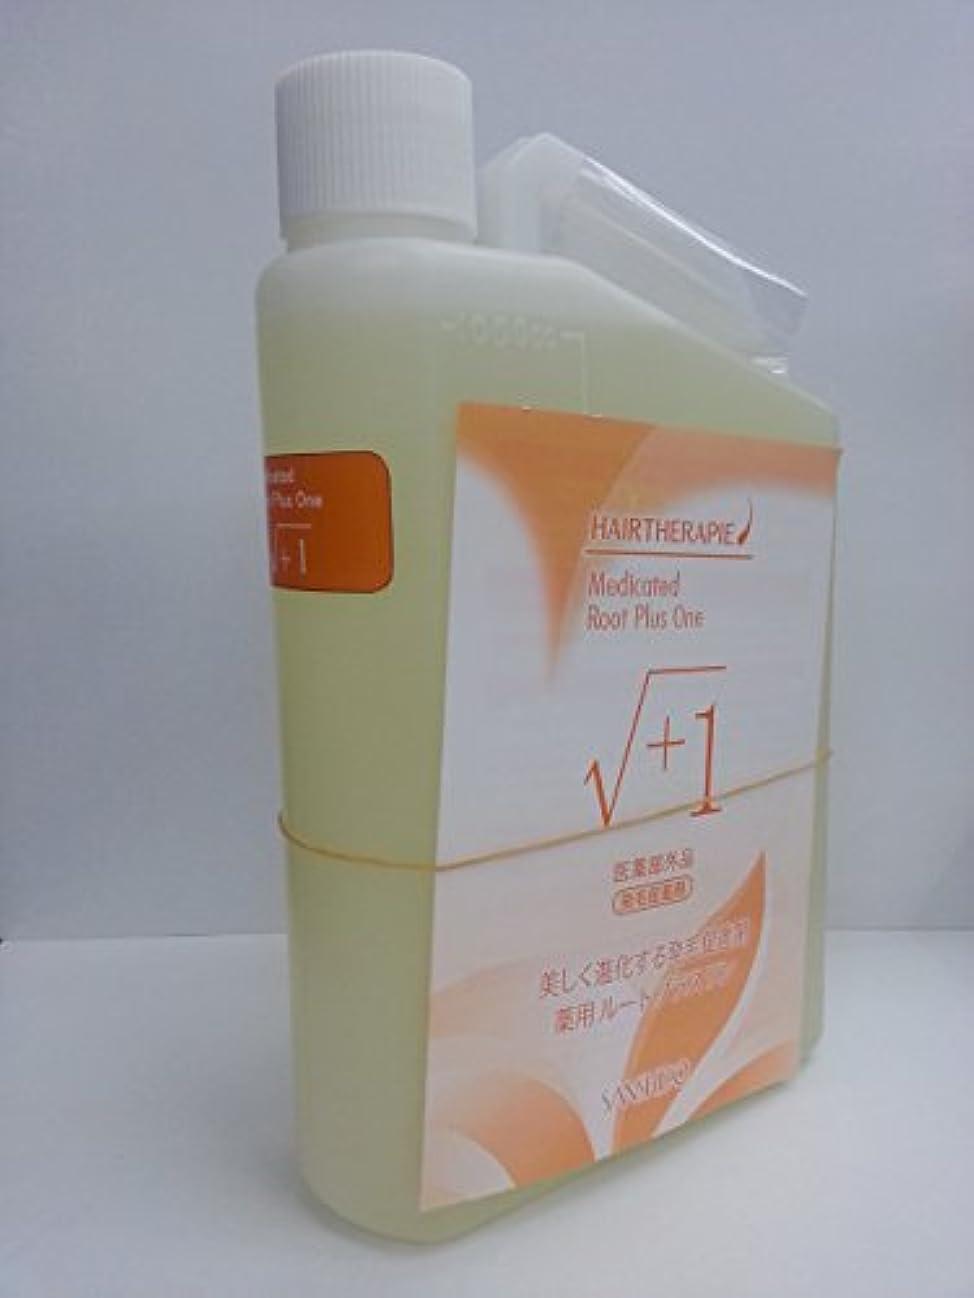 追加する合体カビ三資堂製薬 薬用ルートプラスワンF1000ml(医薬部外品)詰替え リフィル